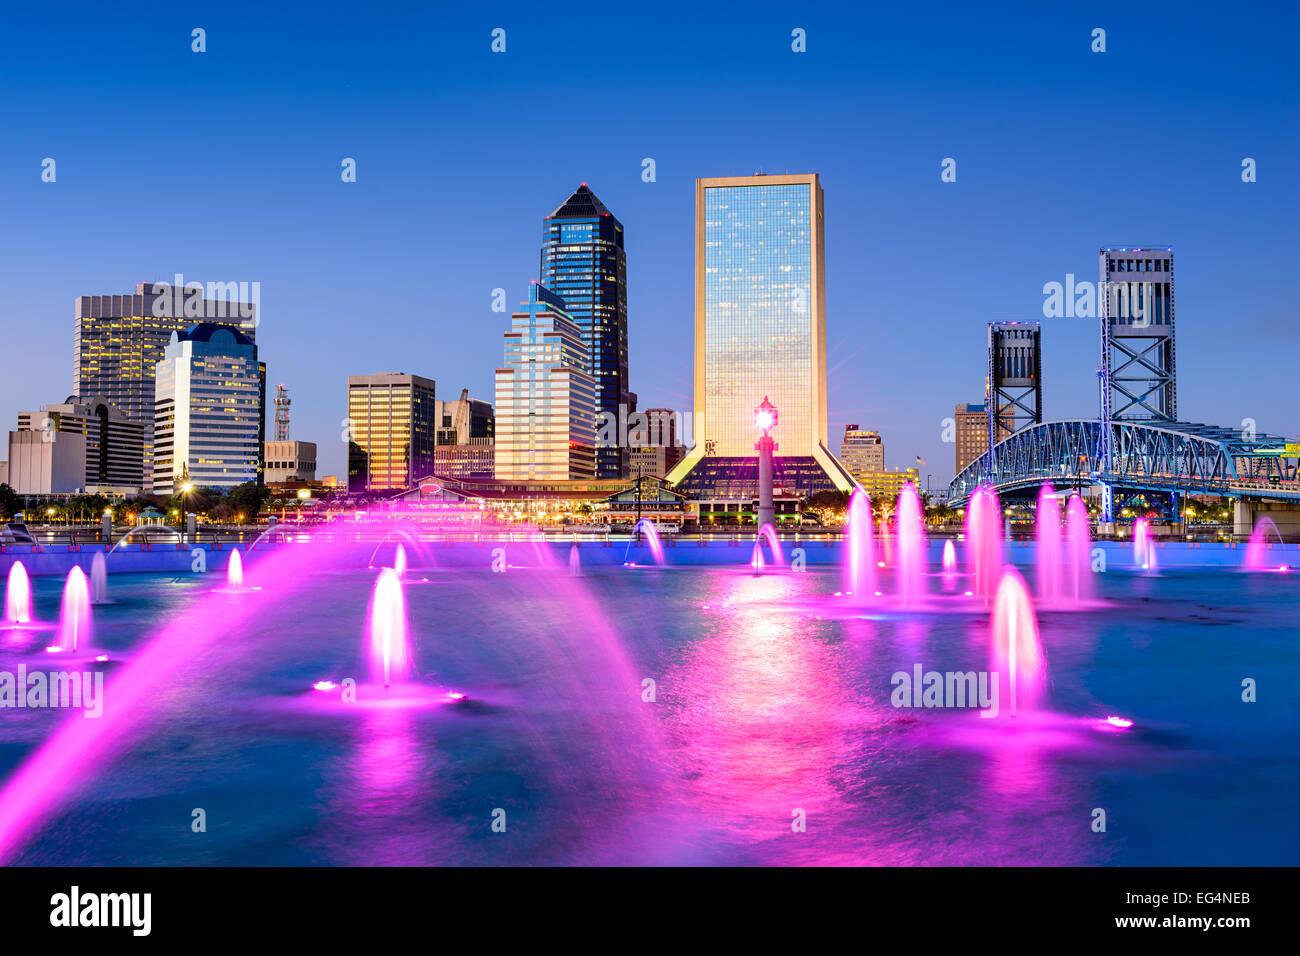 Jacksonville, Florida, Stati Uniti d'America skyline della città presso la fontana. Immagini Stock